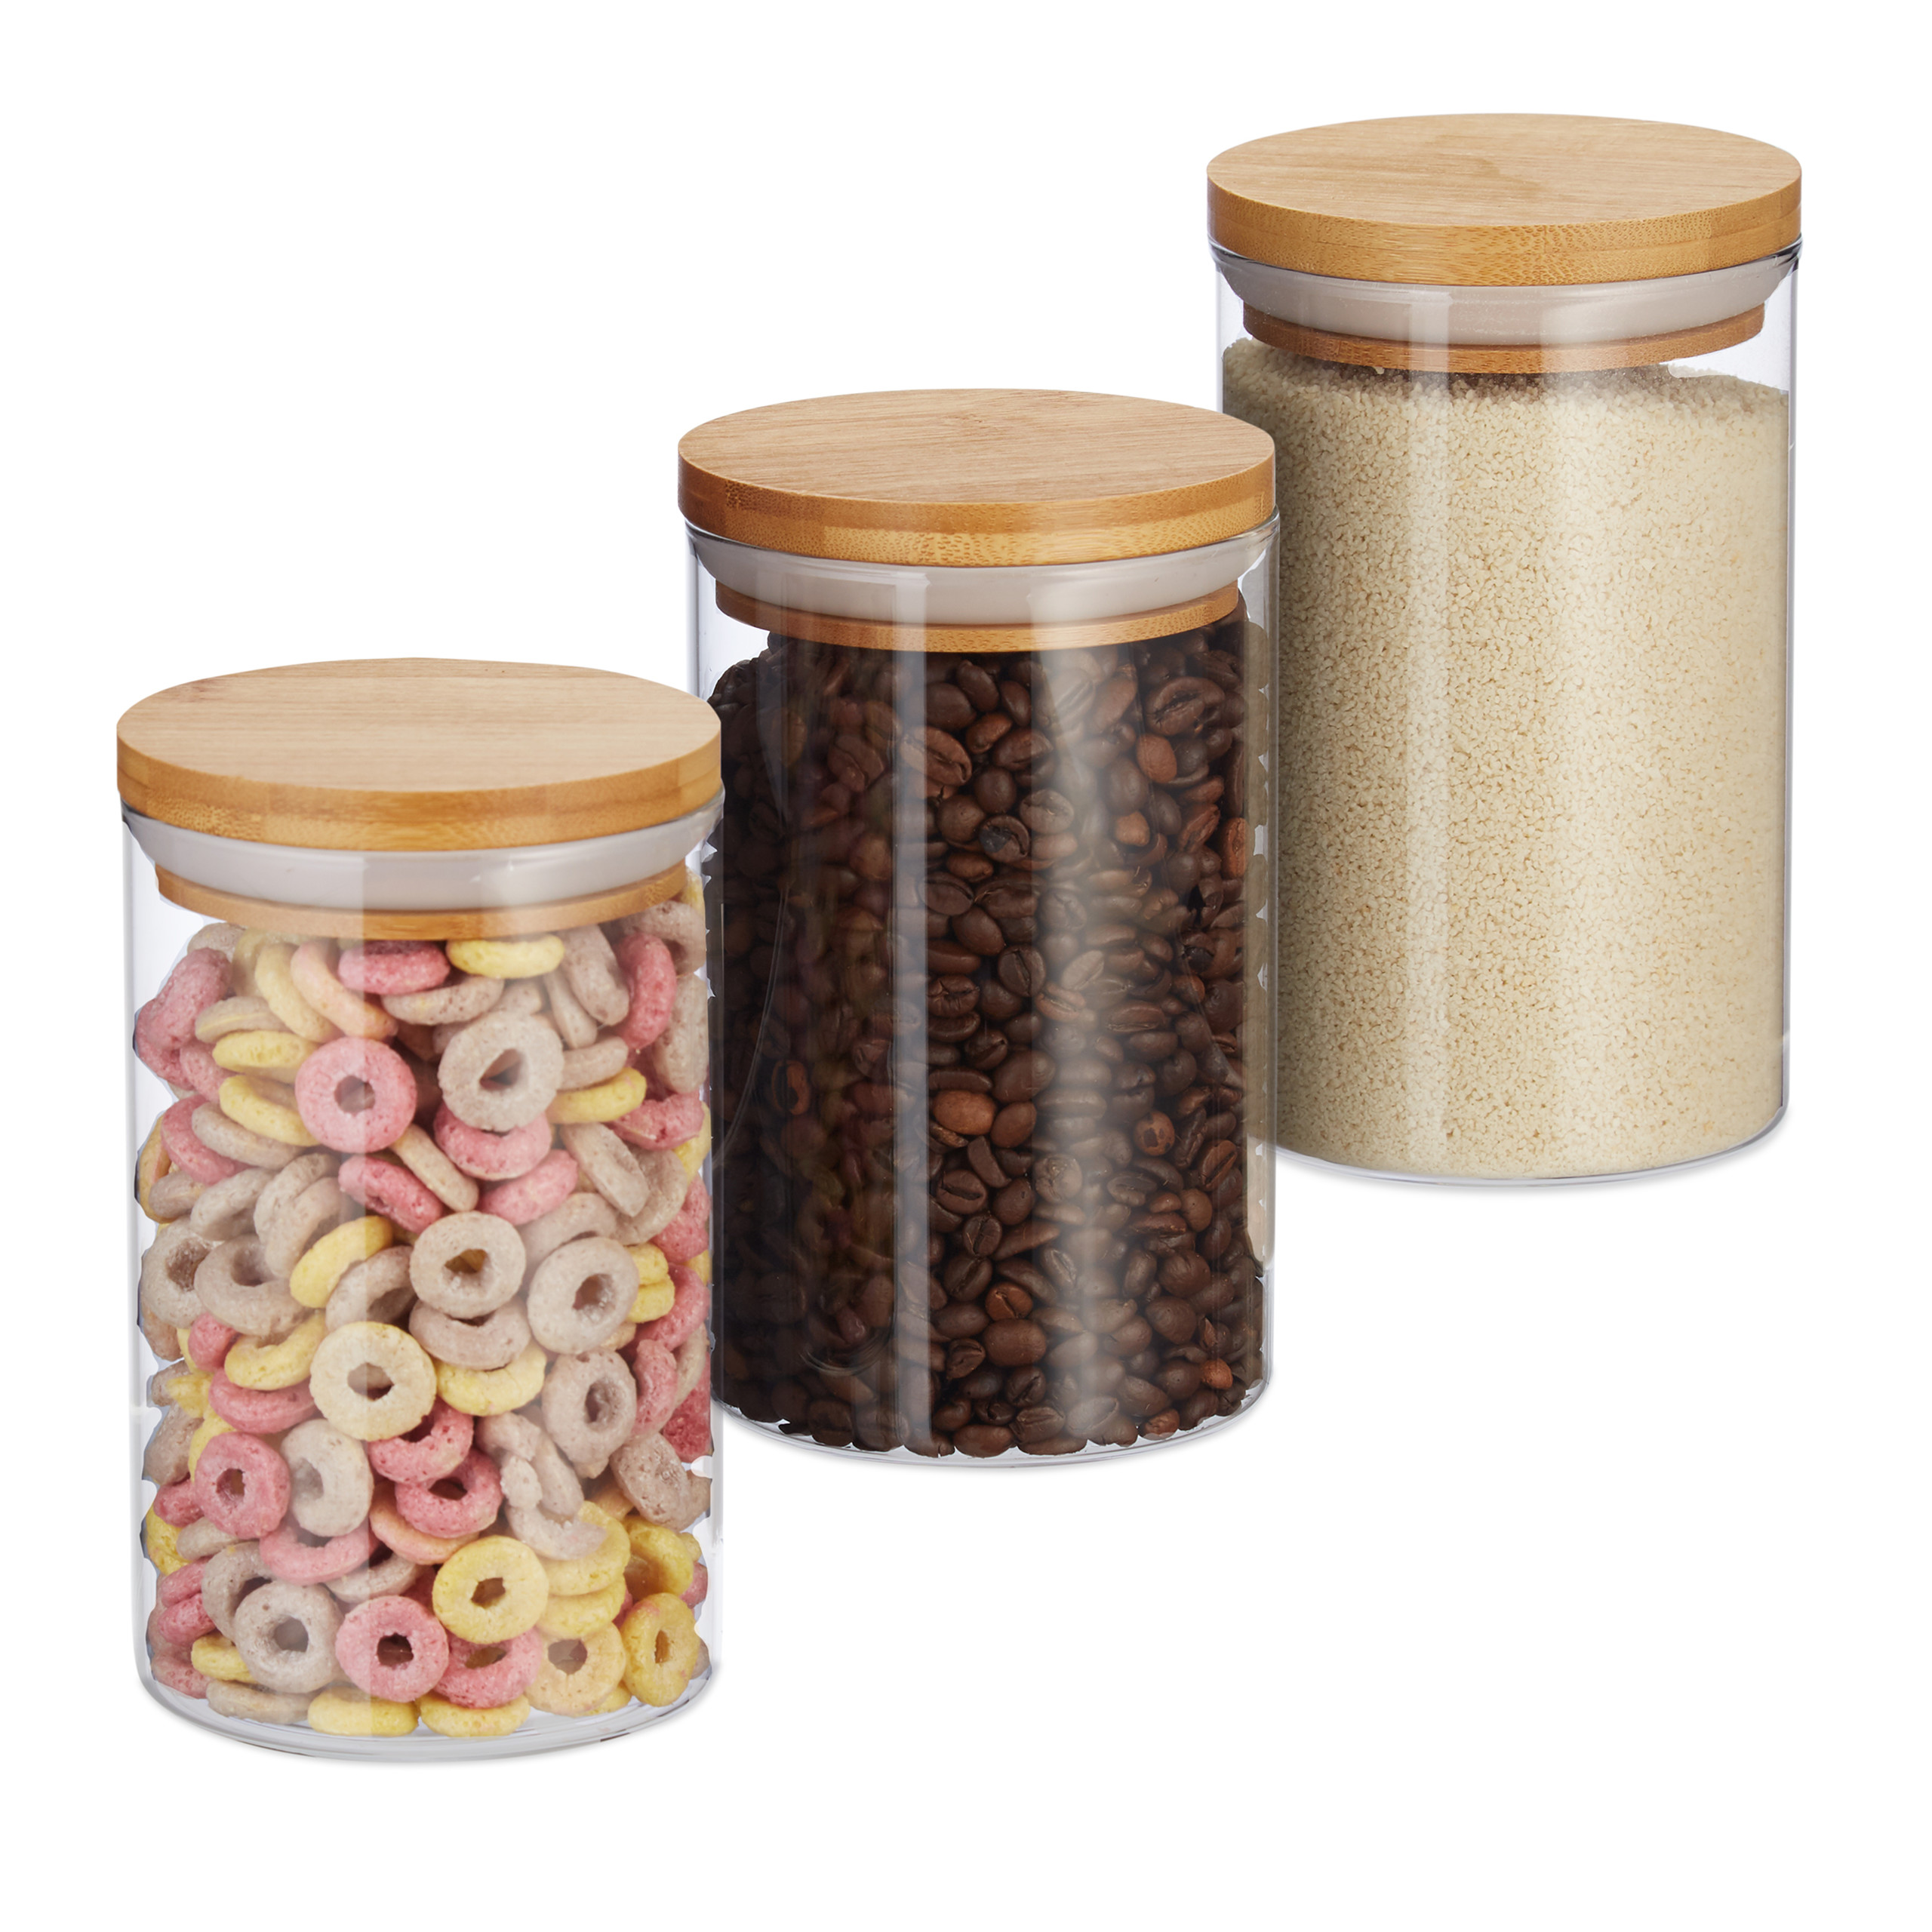 Contenitori Vetro Per Conserve dettagli su barattoli per conserve contenitori in vetro per alimenti müsli  pasta caffè